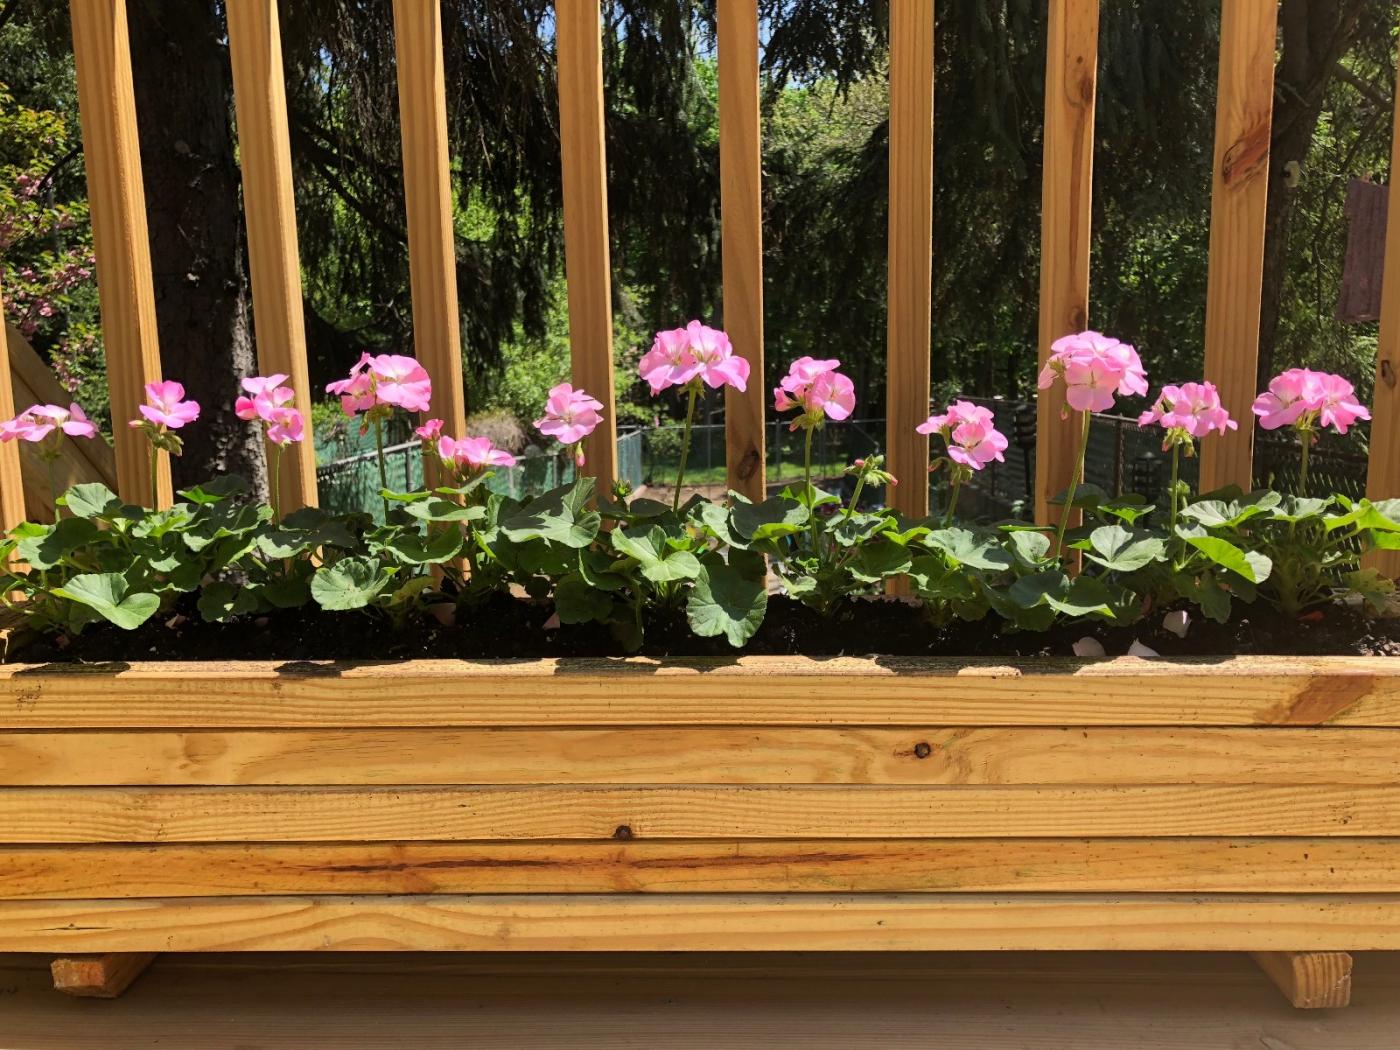 【田螺随拍】分享去THE HOME DEPOT红地铺买花的经验_图1-12